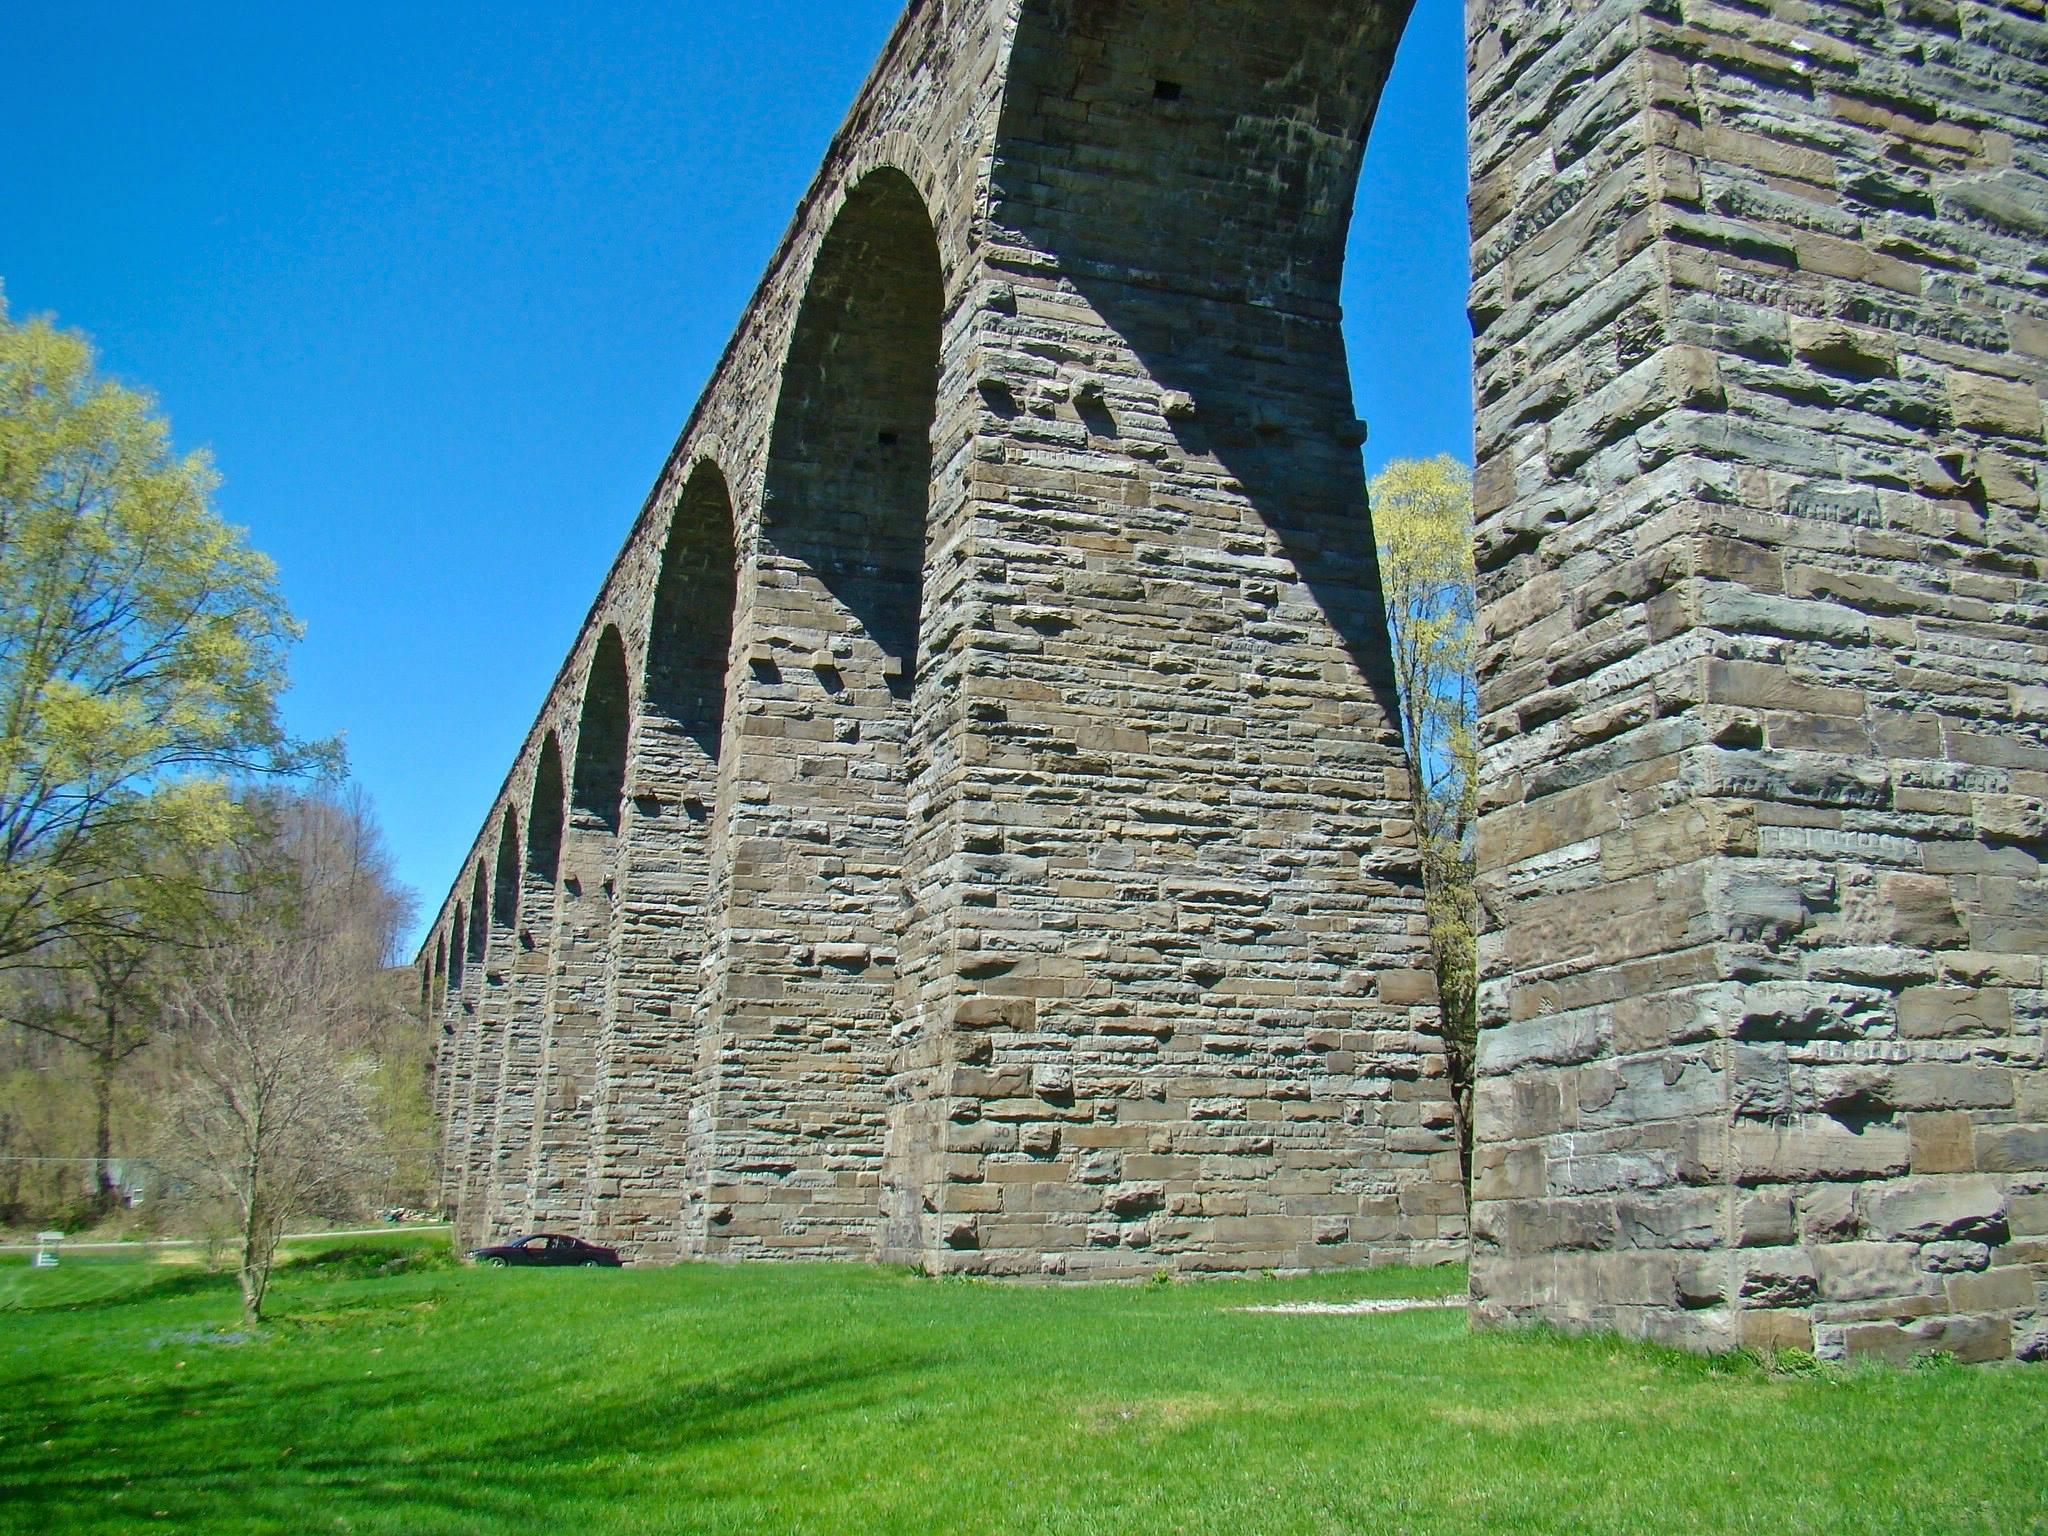 starrucca men Starrucca viaduct (centenniel celebration) starrucca viaduct (early description) steinbracher,  susquehanna (pa) men (1930) susquehanna (pa) restoration (1990).